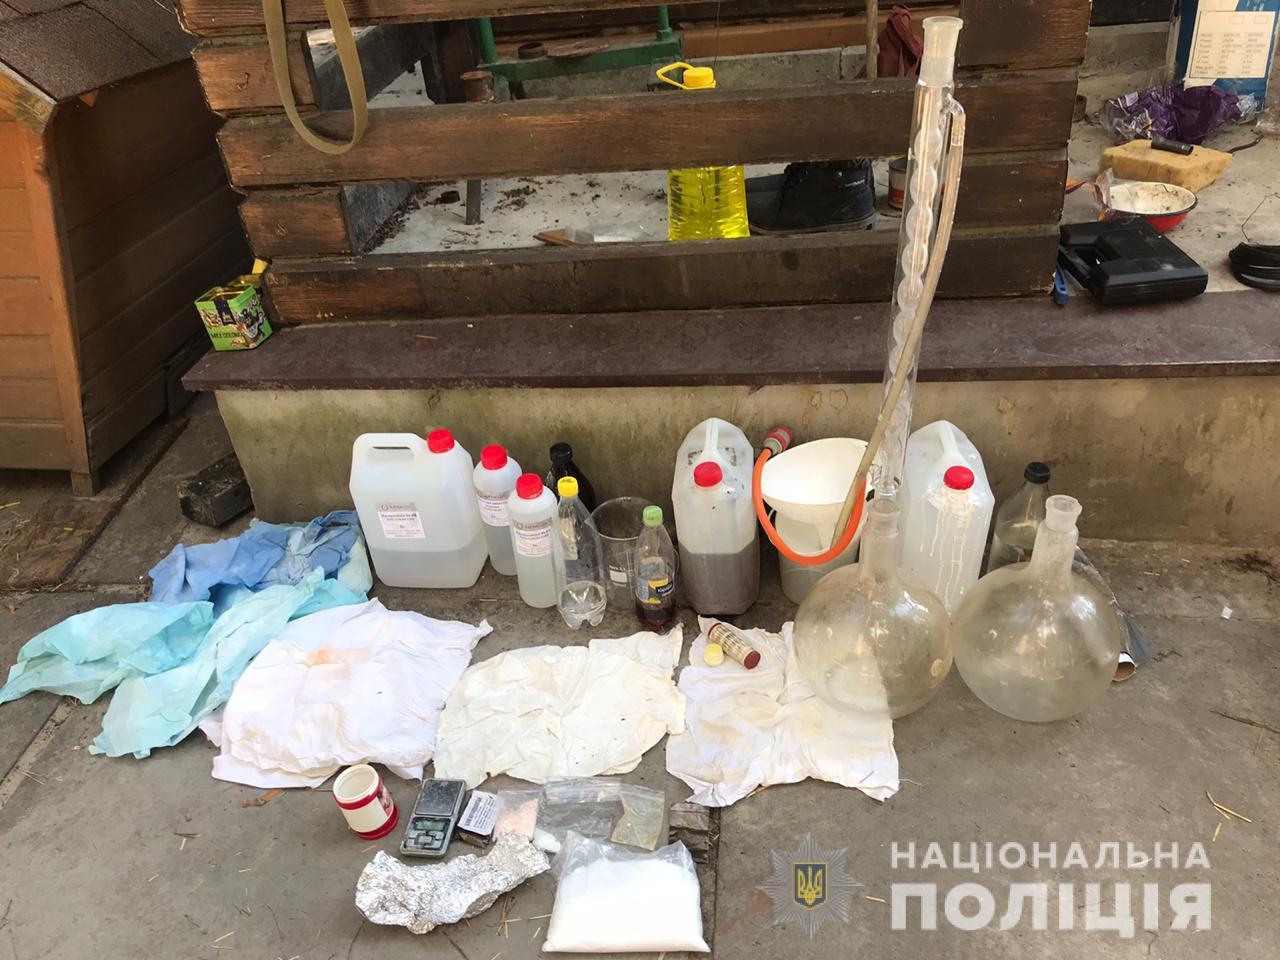 Амфетамін домашнього виробництва виготовлявся на Васильківщині -  - 107801301 3111928128862338 3419539741493559954 o